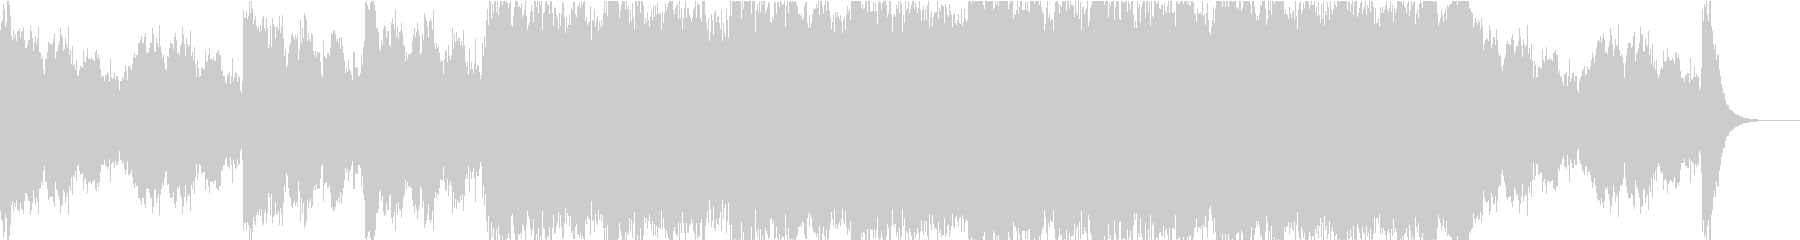 オープニング音楽に適したBGMの未再生の波形